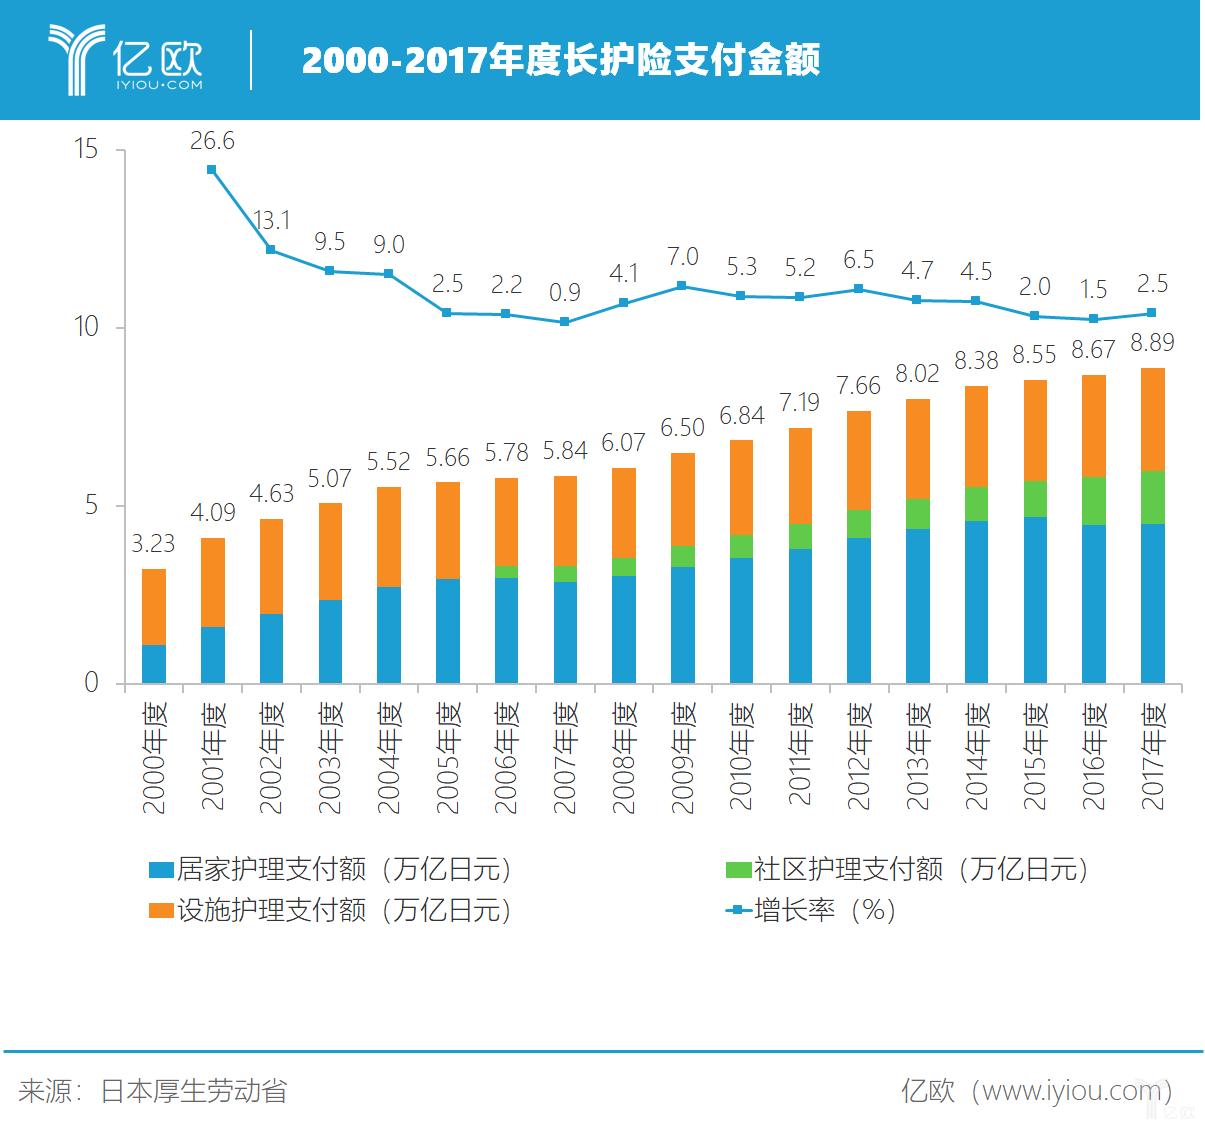 2002-2017年度长护险账户支出金额变化